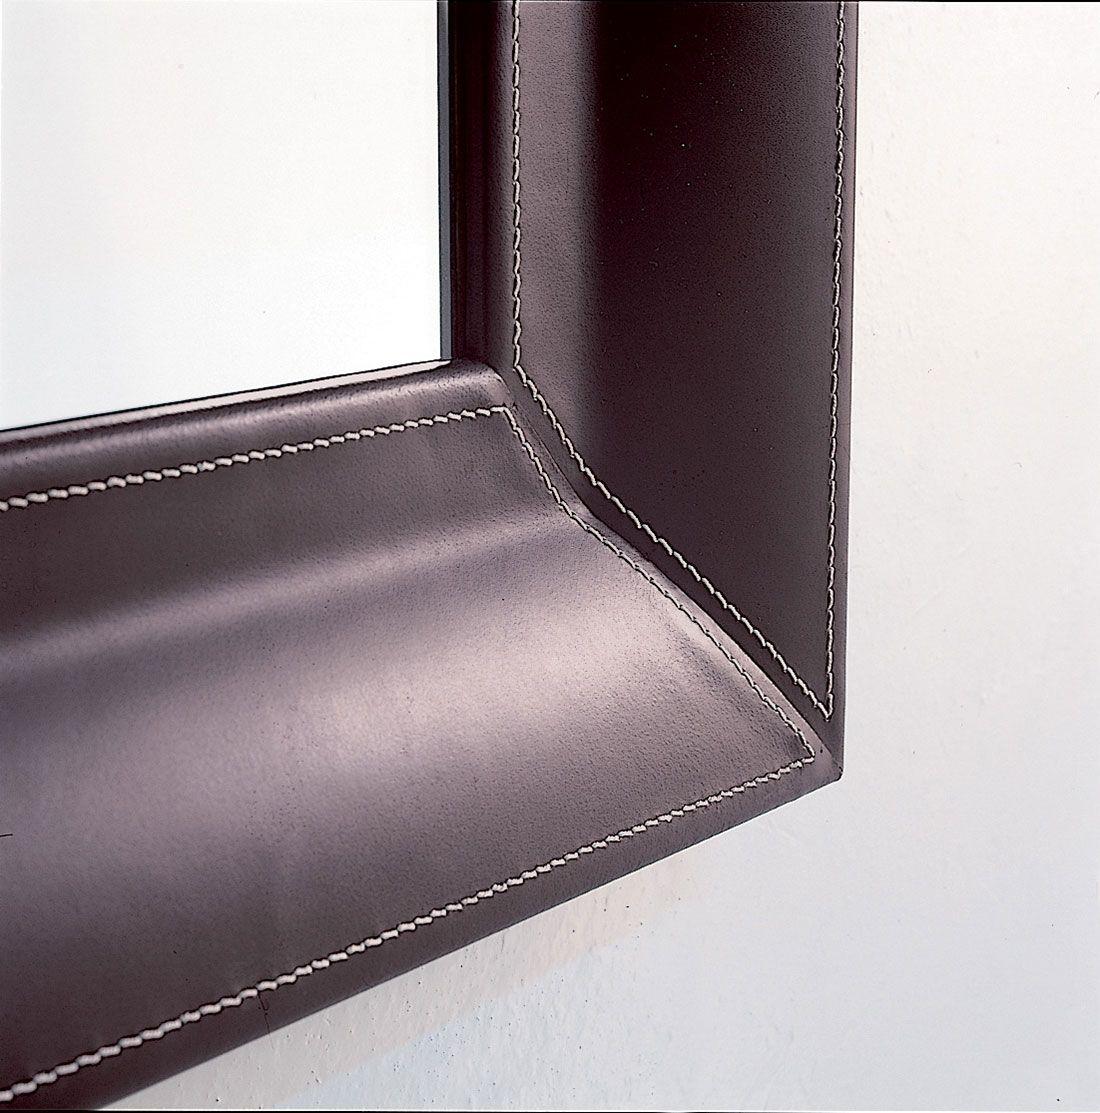 specchio pelle cuoio bianco nero marrone arredamento casa moderno ... - Arredamento Soggiorno Originale